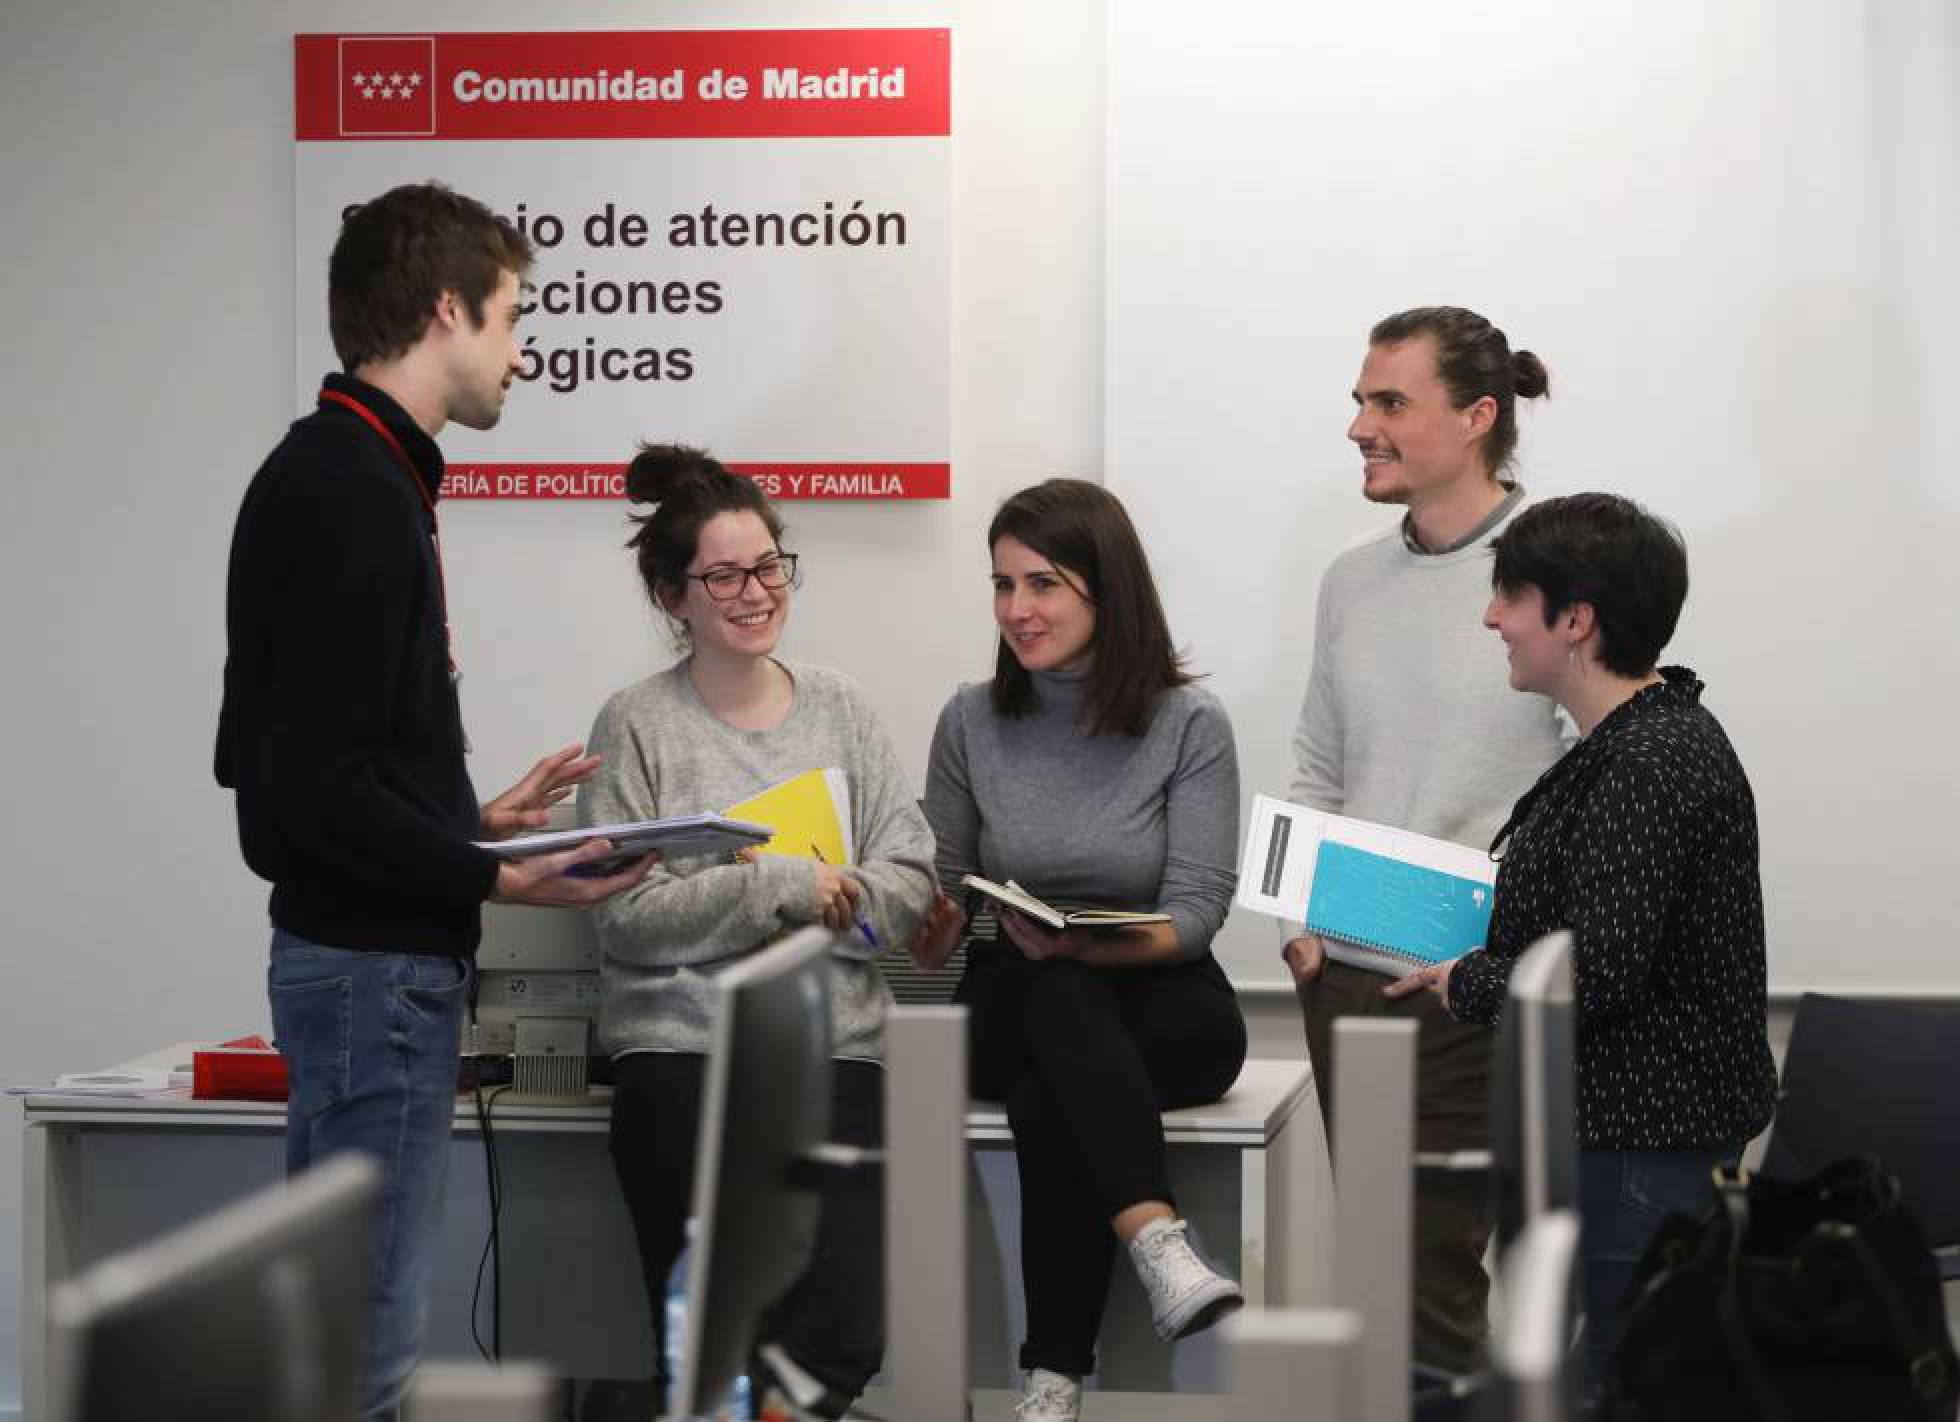 Помощь подросткам с зависимостью от интернета и видеоигр в Мадриде